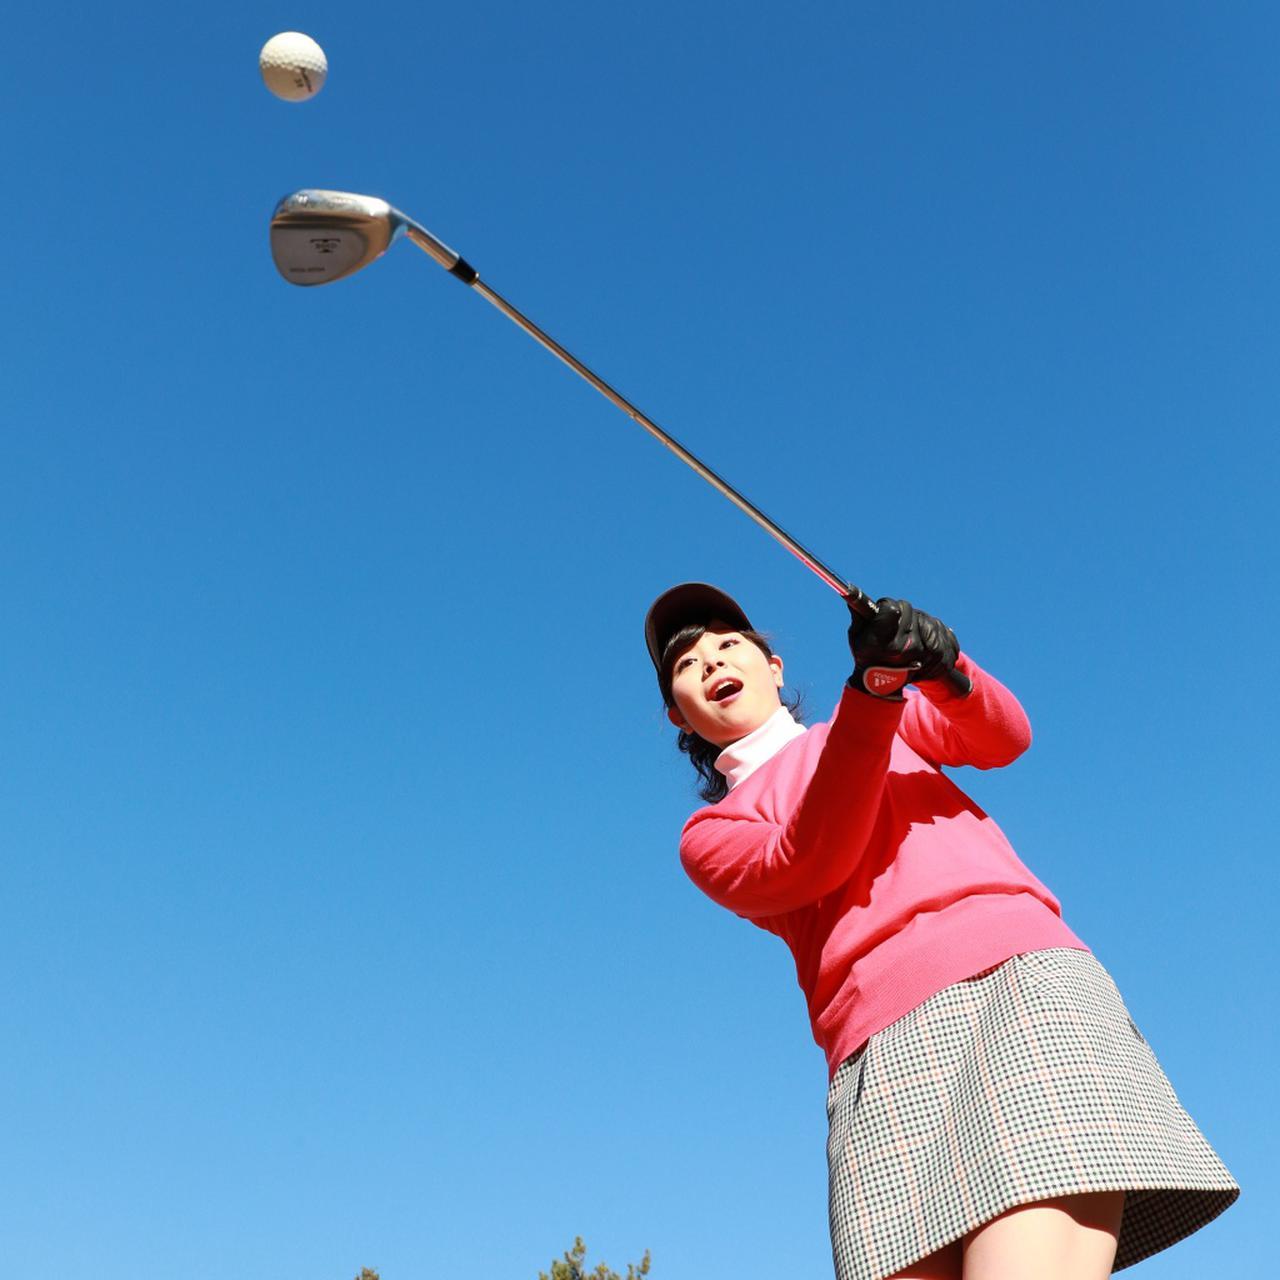 画像2: 【ゴルフルール理解度クイズ】〇か✖か何問正解できる? 新ルールになってはや1年、80点以上で合格